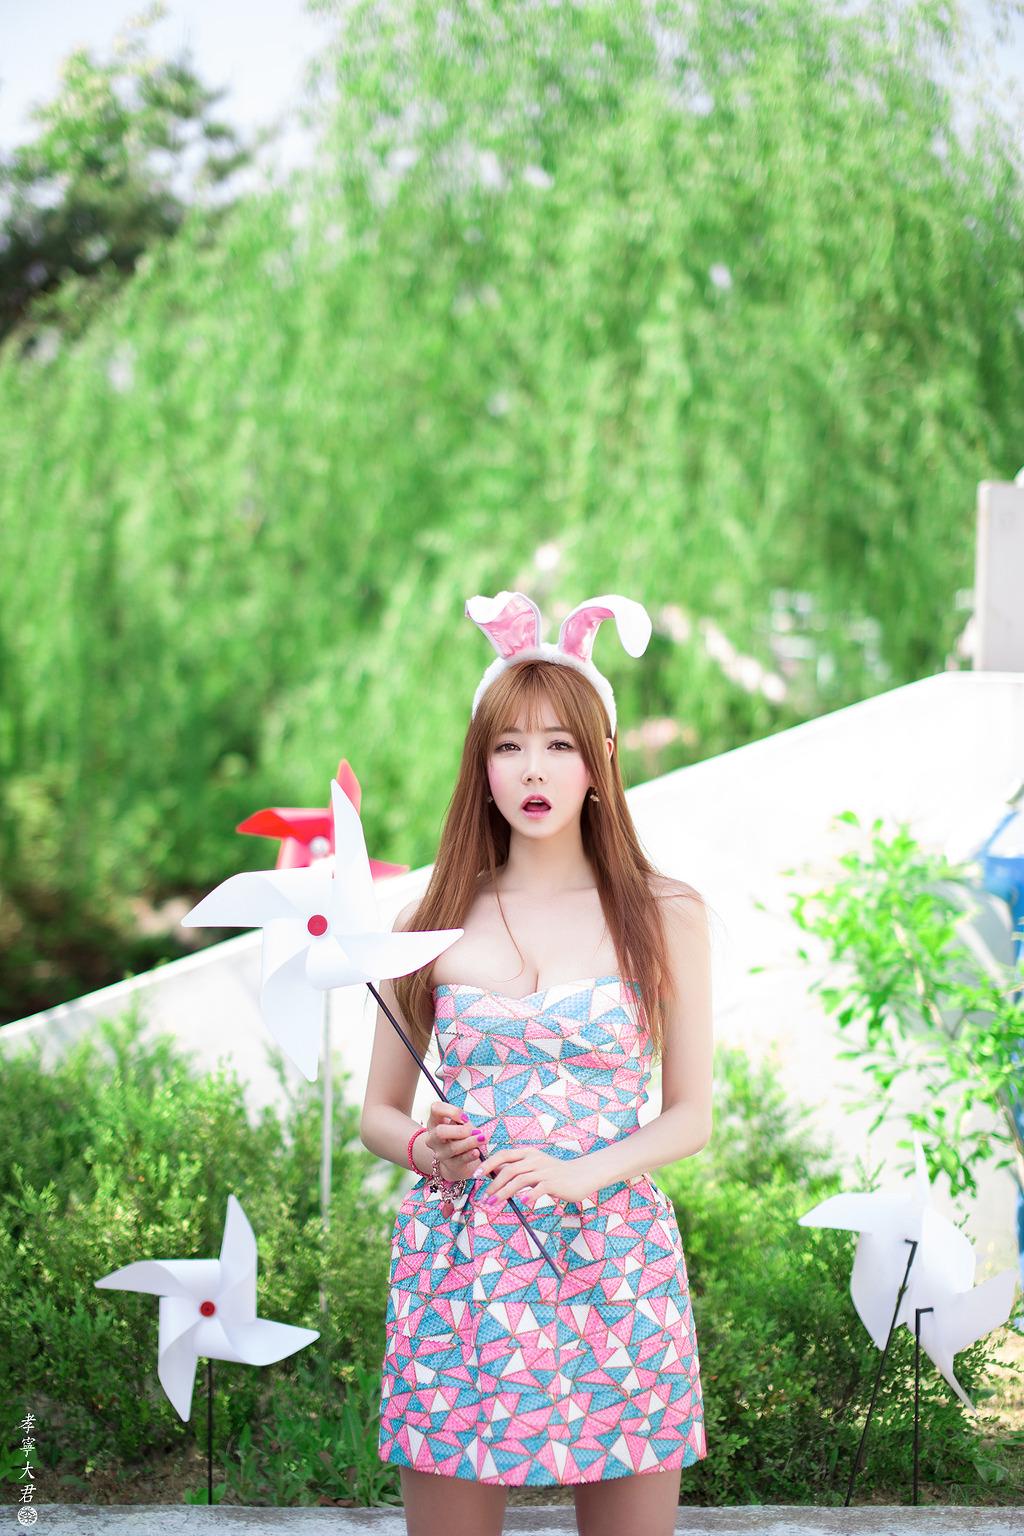 Han Ga Eun - 2015.5.10 Part 2